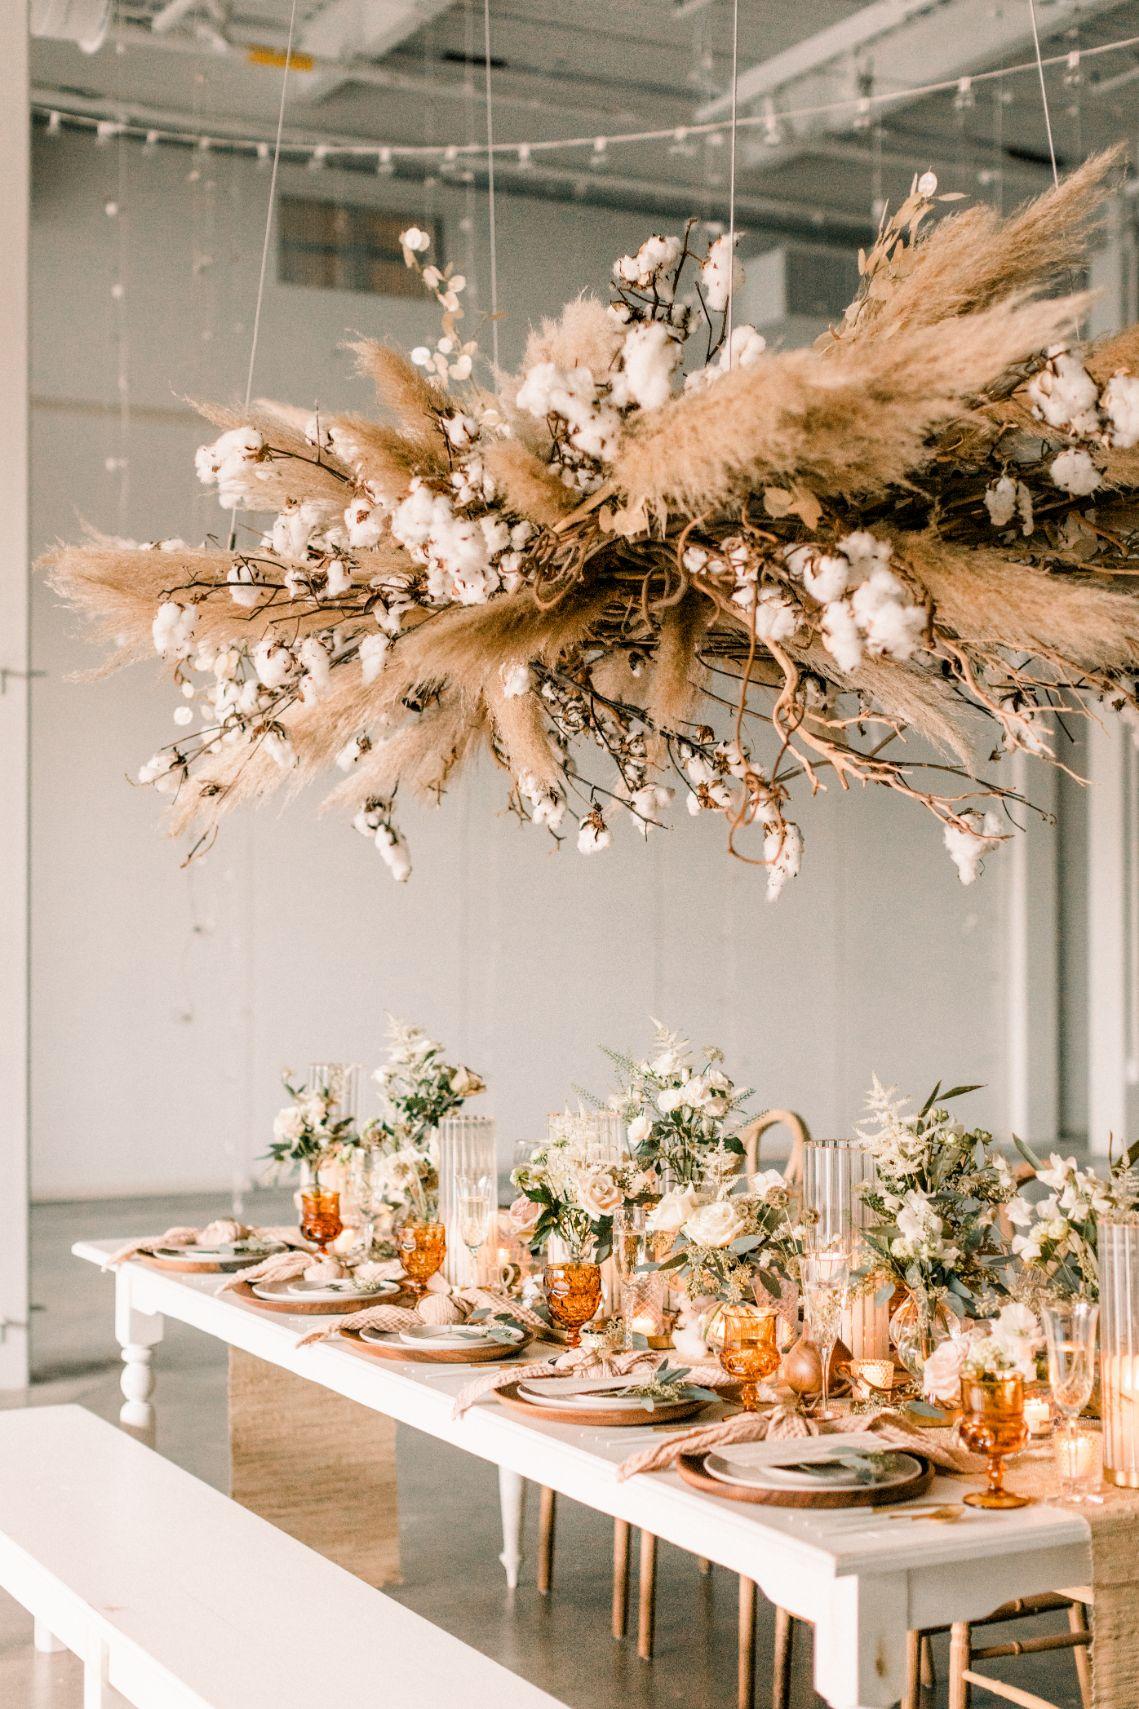 artists-for-humanity-industrial-bohemian-wedding-daylynn-designs57.jpg